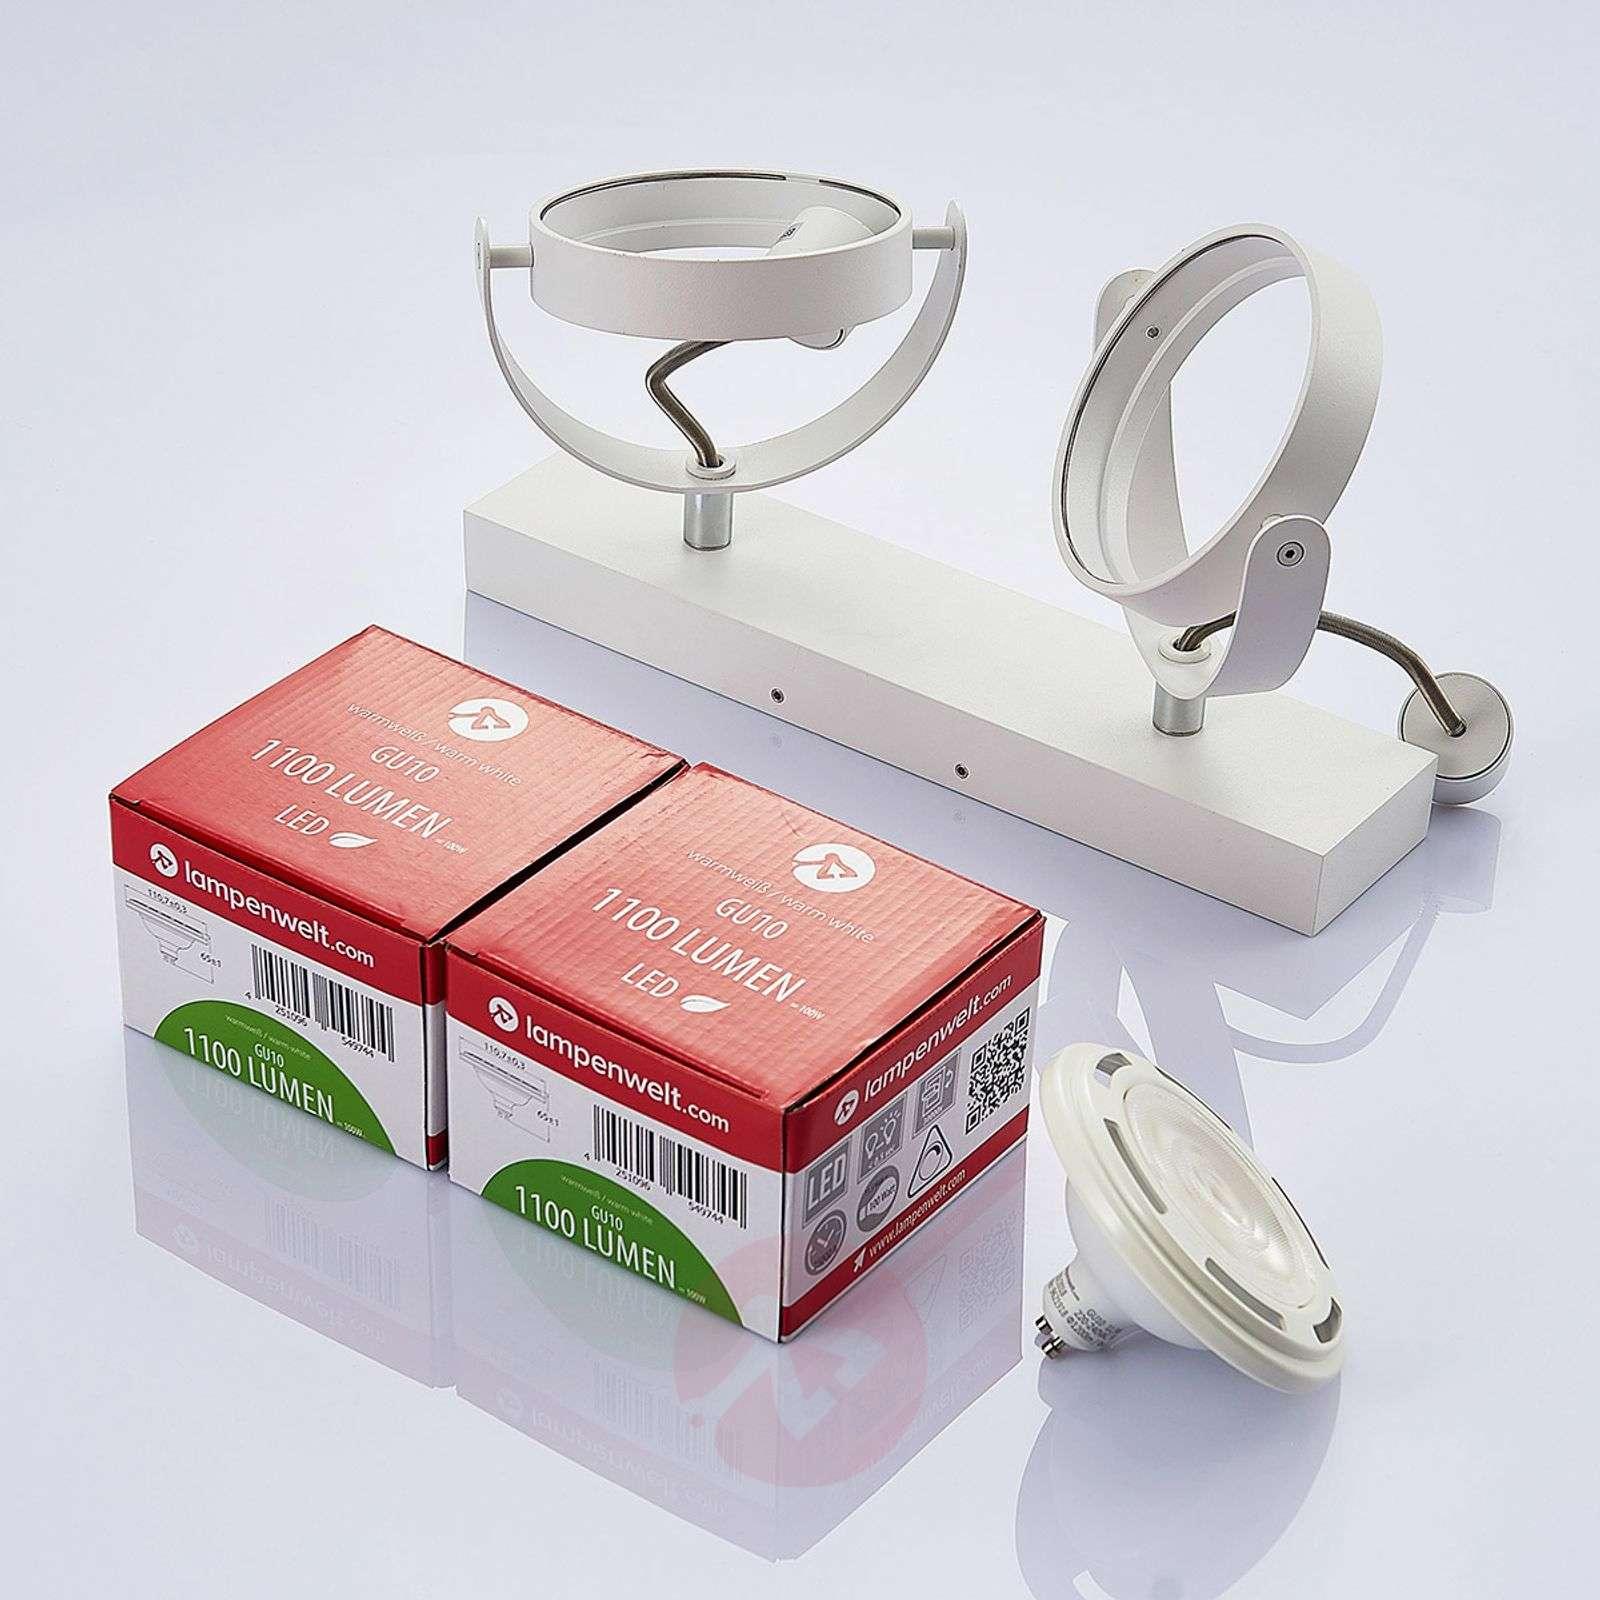 Valkoinen LED-kattovalaisin Munin, GU10 himm.-9621879-02